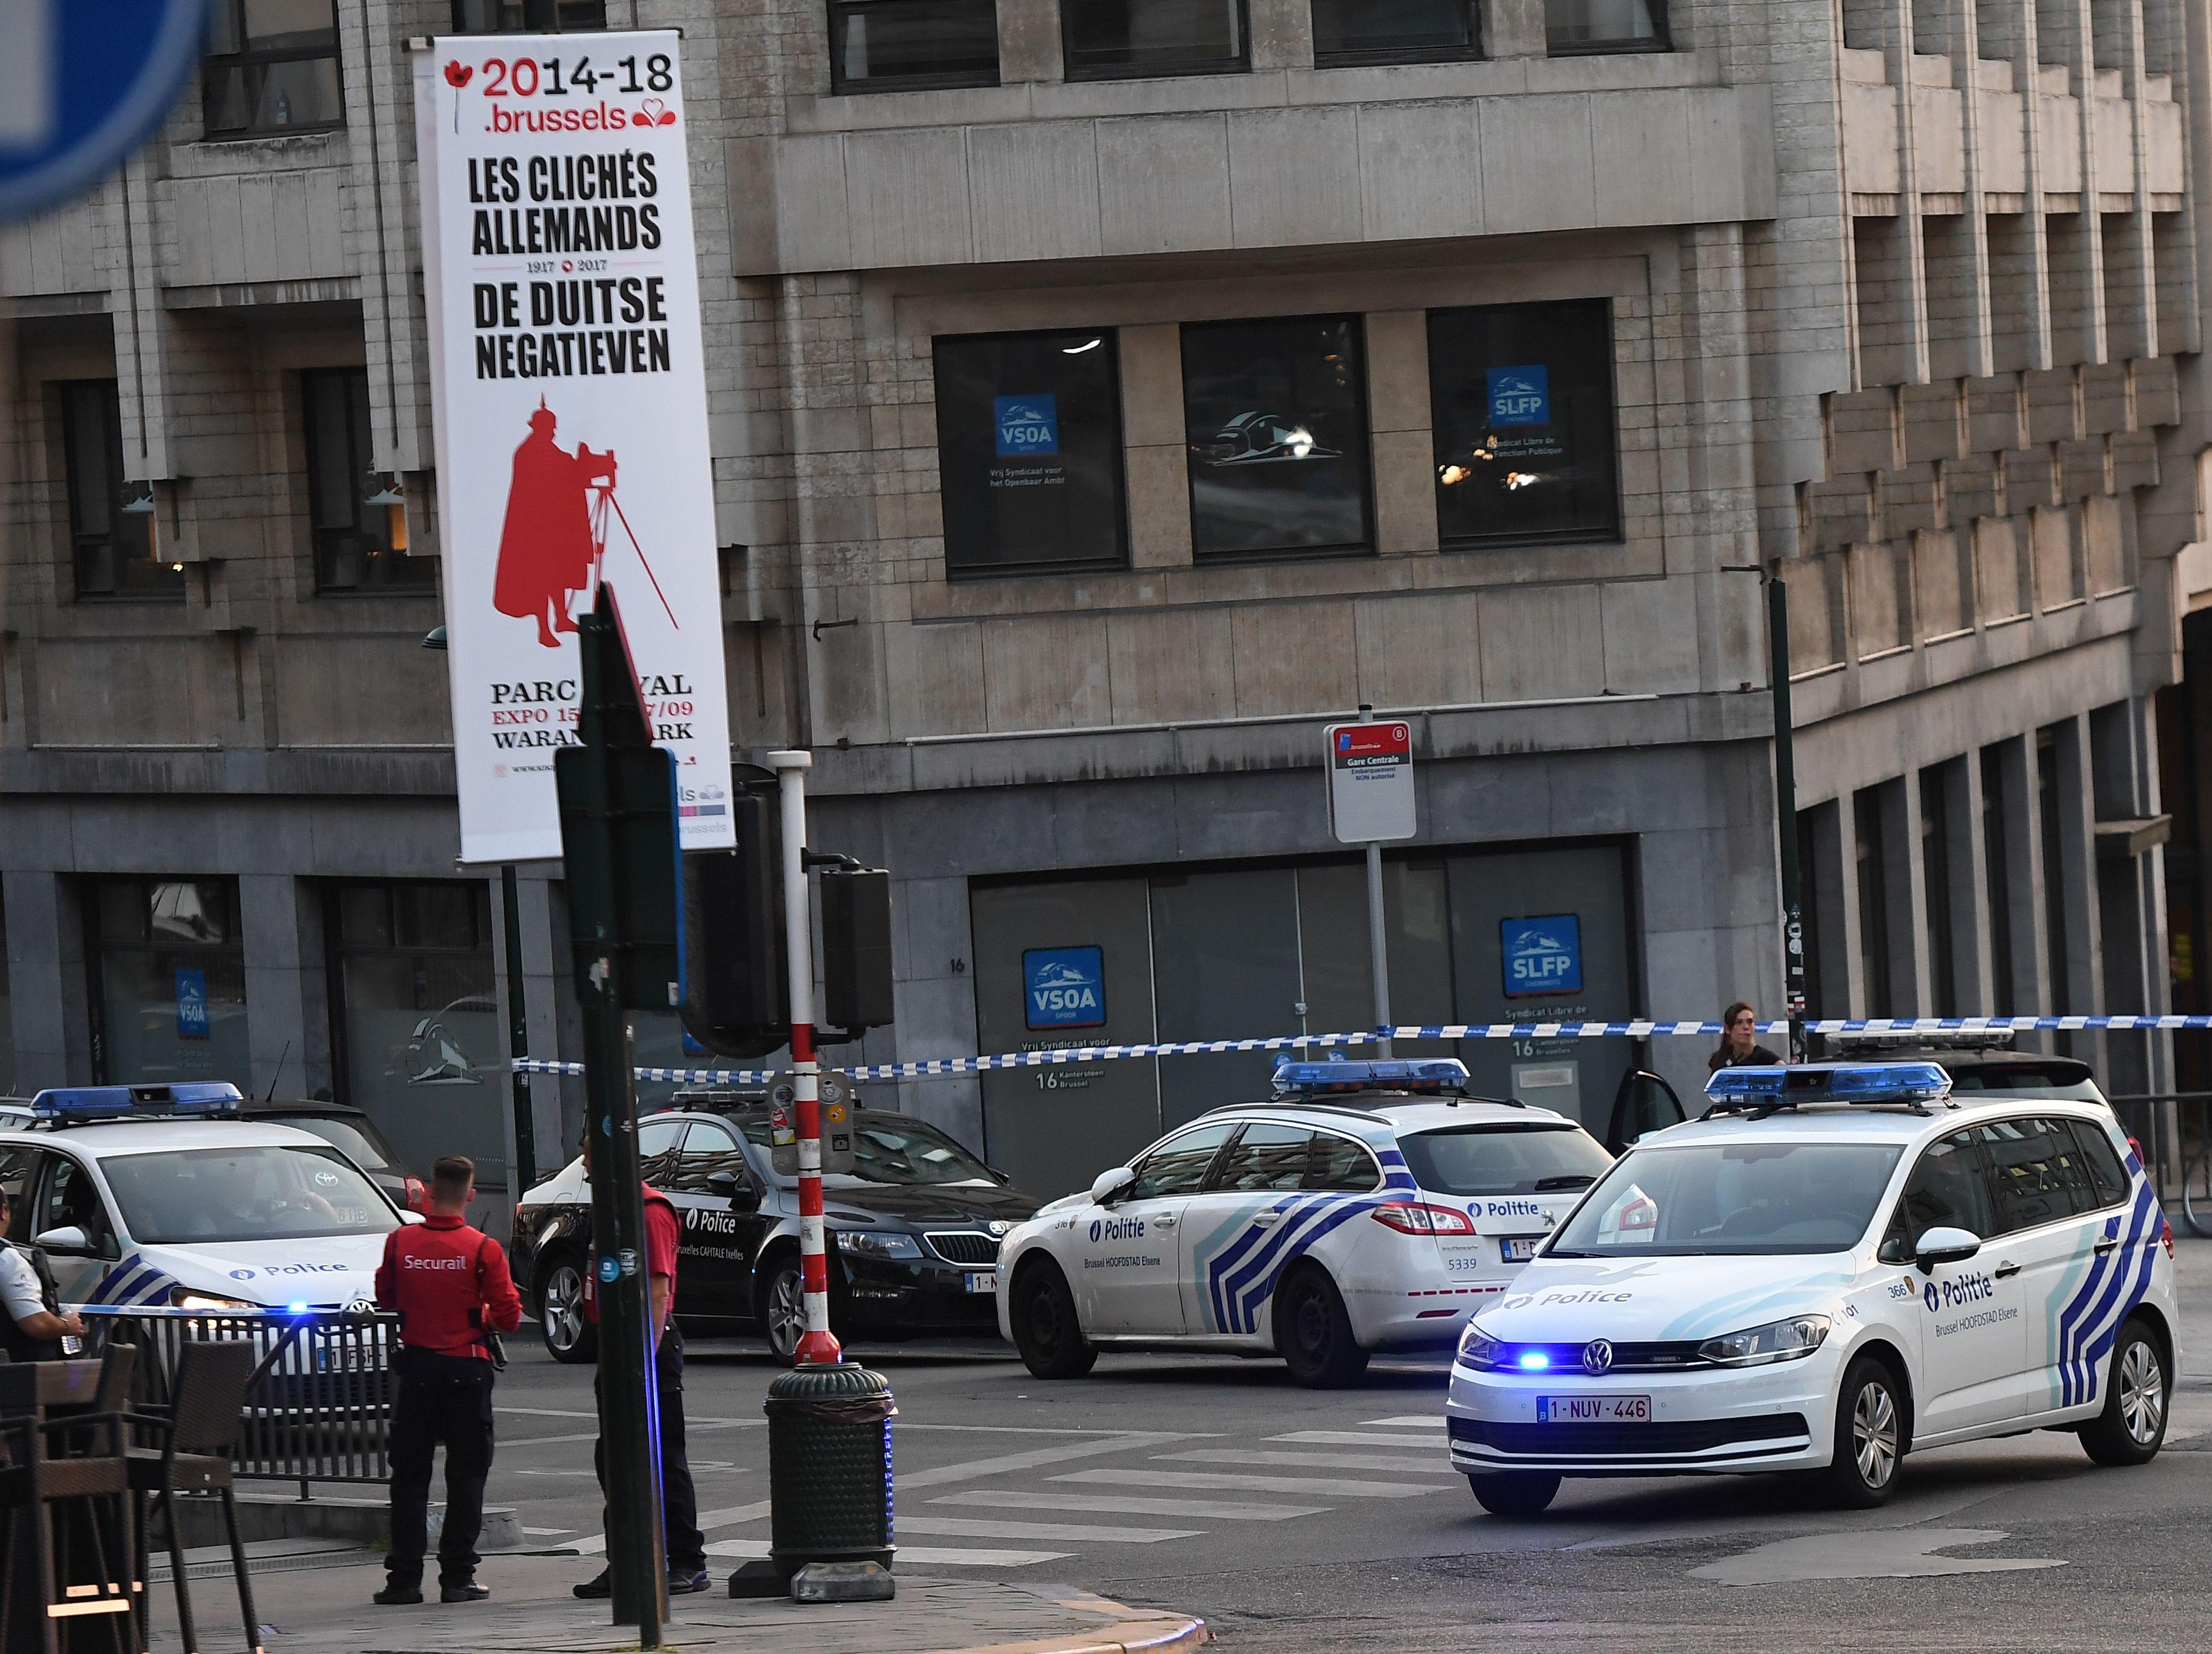 وصول الشرطة إلى موقع حادث بروكسل